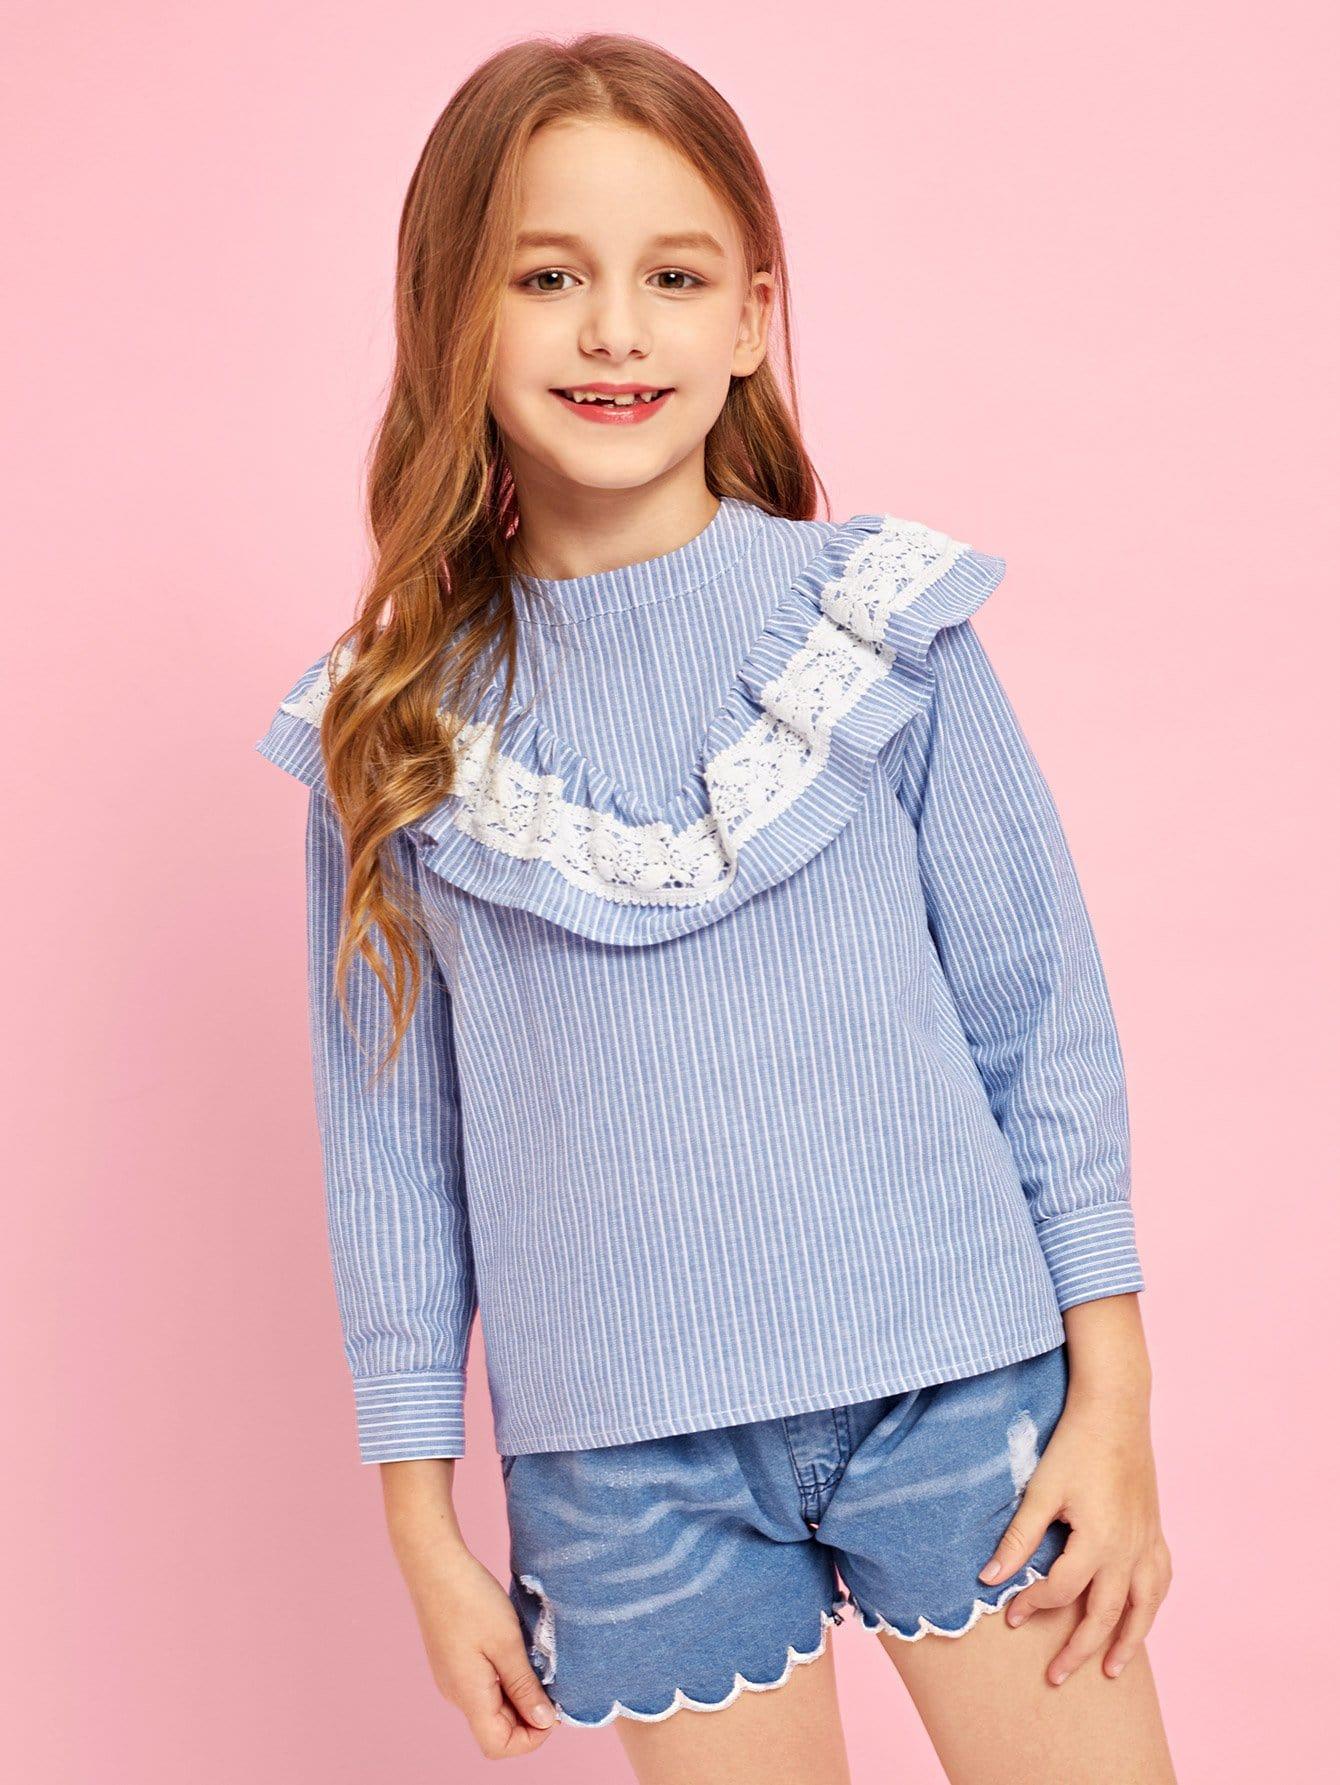 Купить Полосатая блузка с кружевными оборками для девочки, Sashab, SheIn